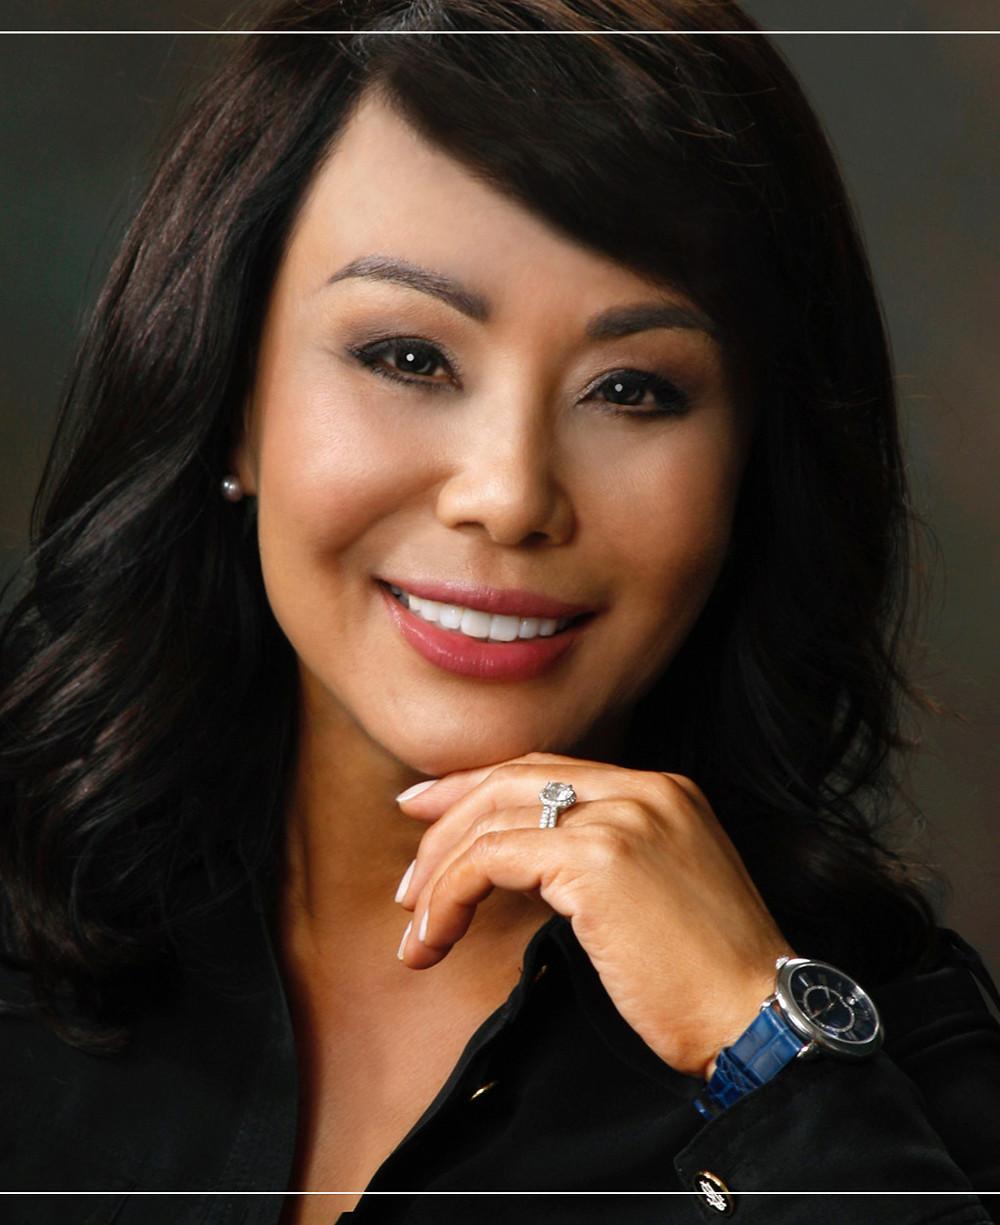 Dr. Elizabeth Shin